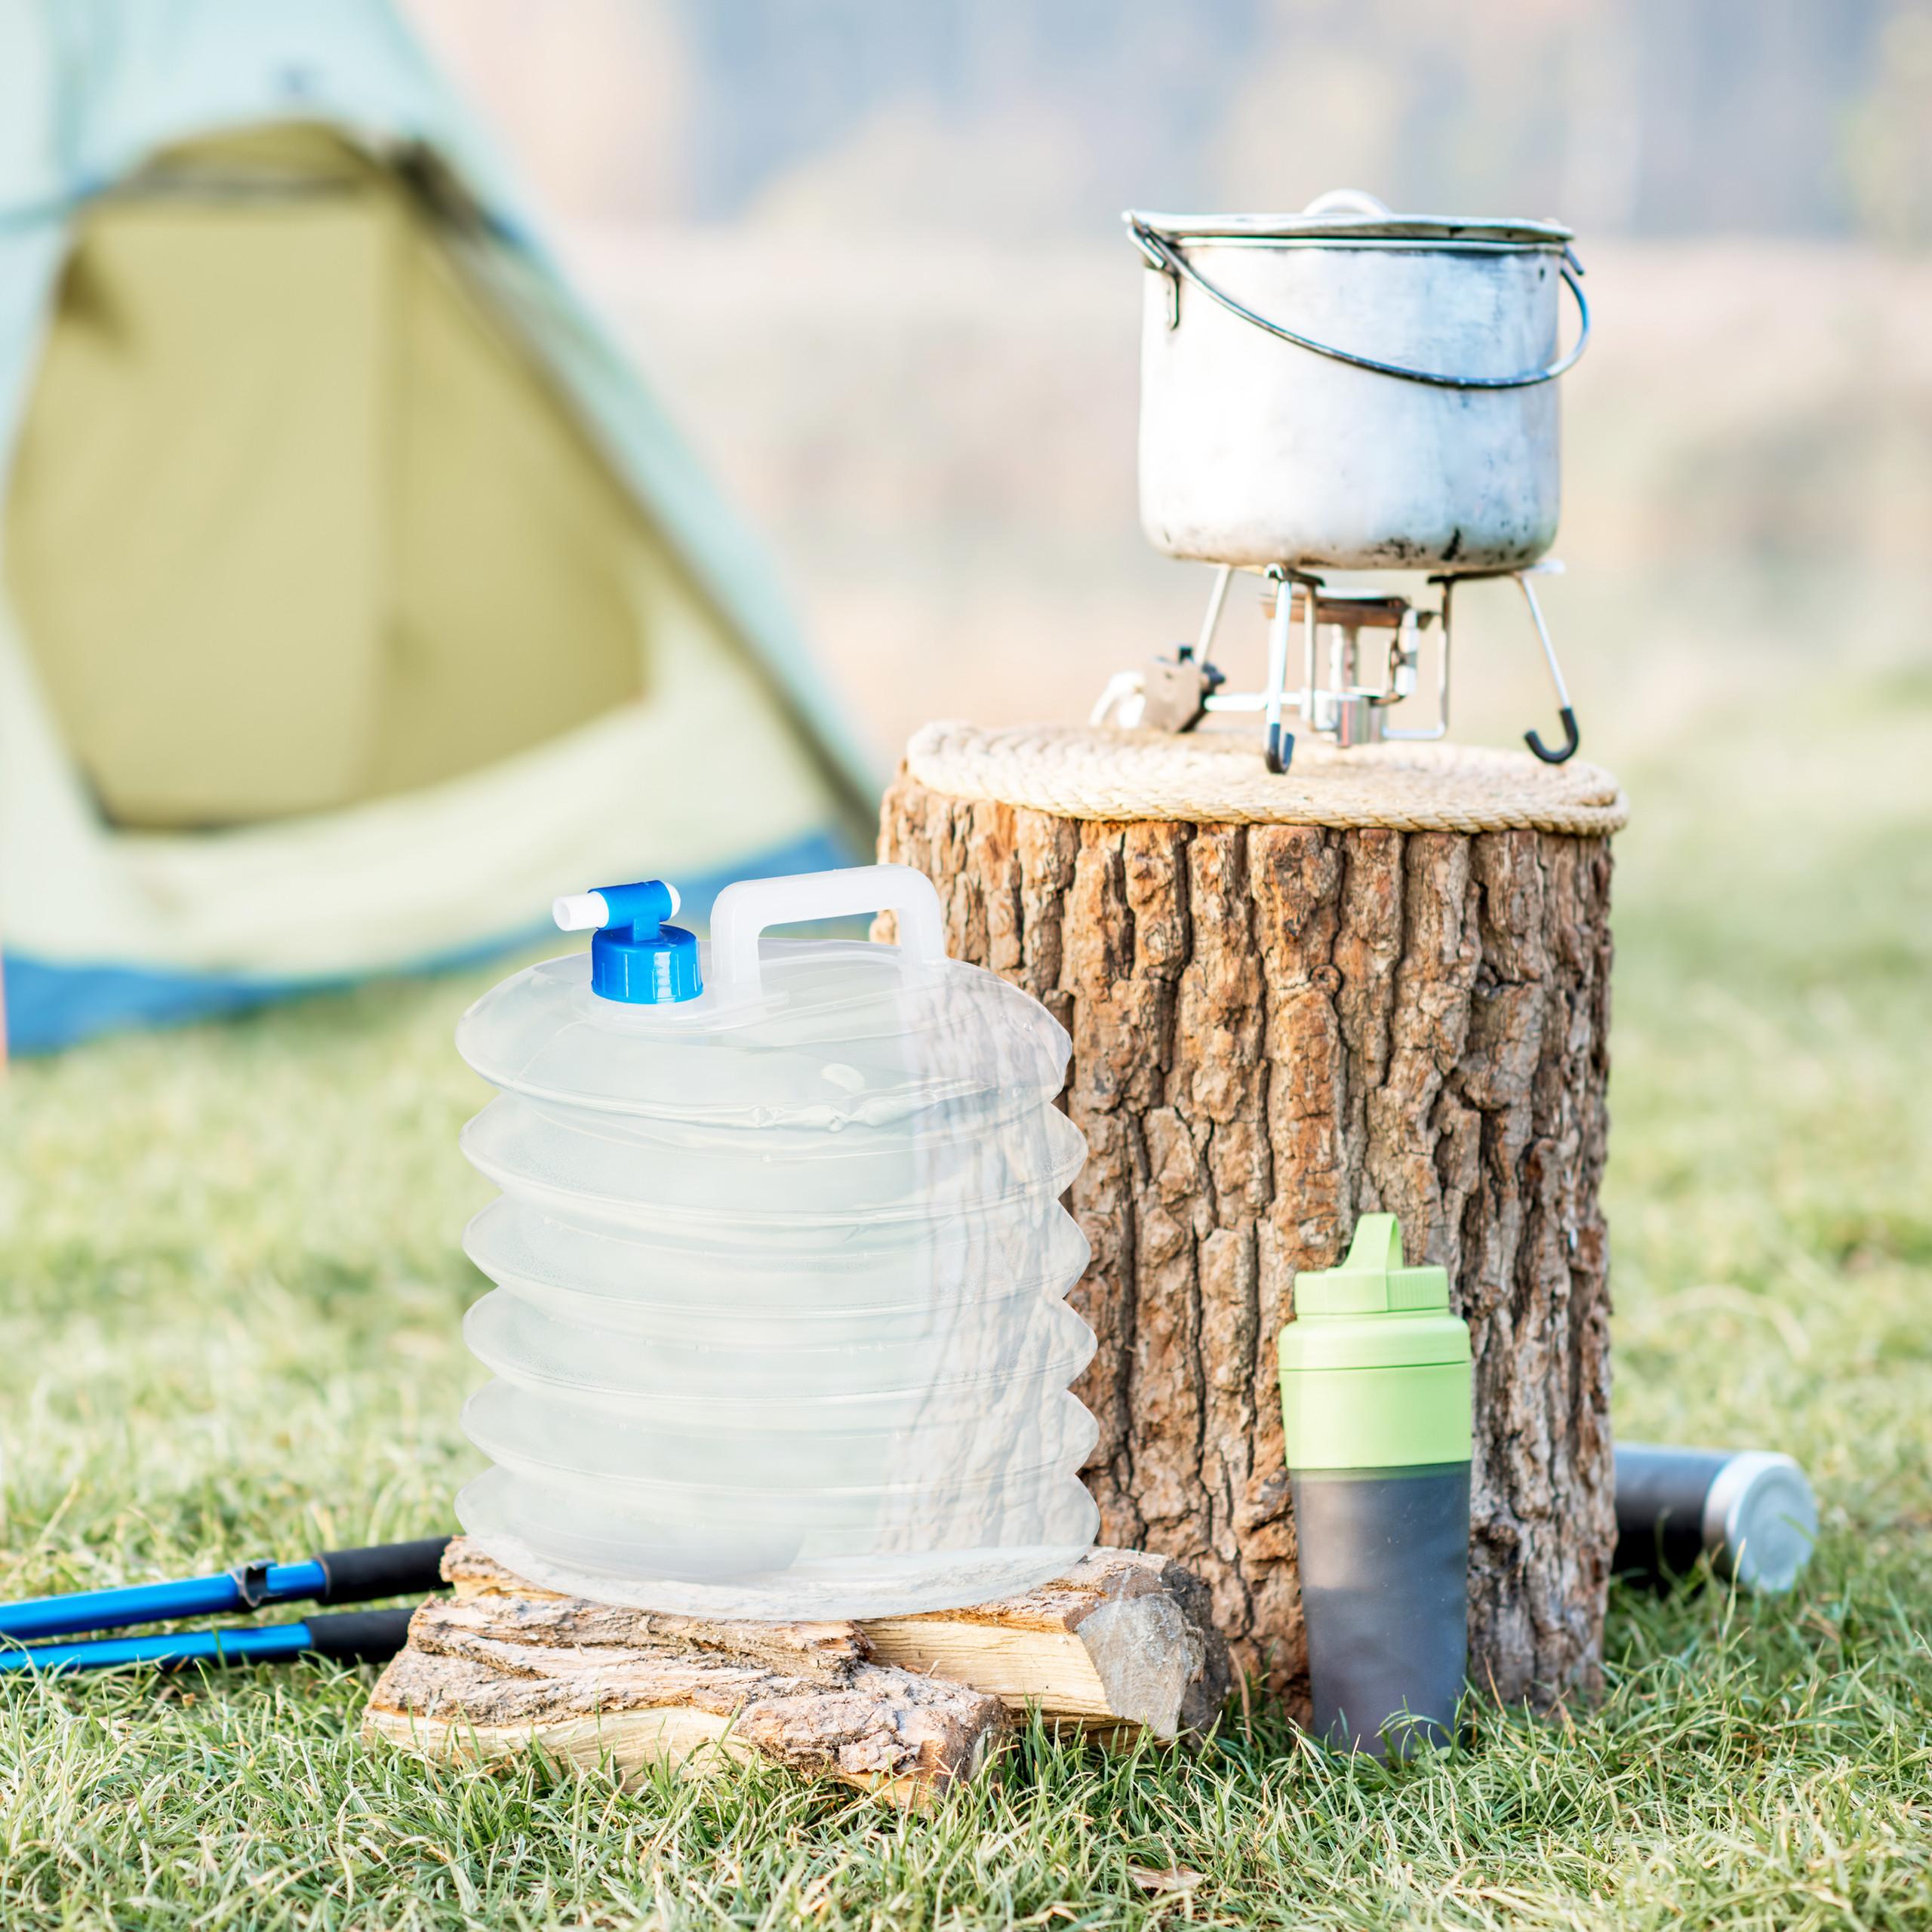 Indexbild 8 - Wasserkanister faltbar 4er Set Faltkanister Camping Trinkwasserkanister BPA frei